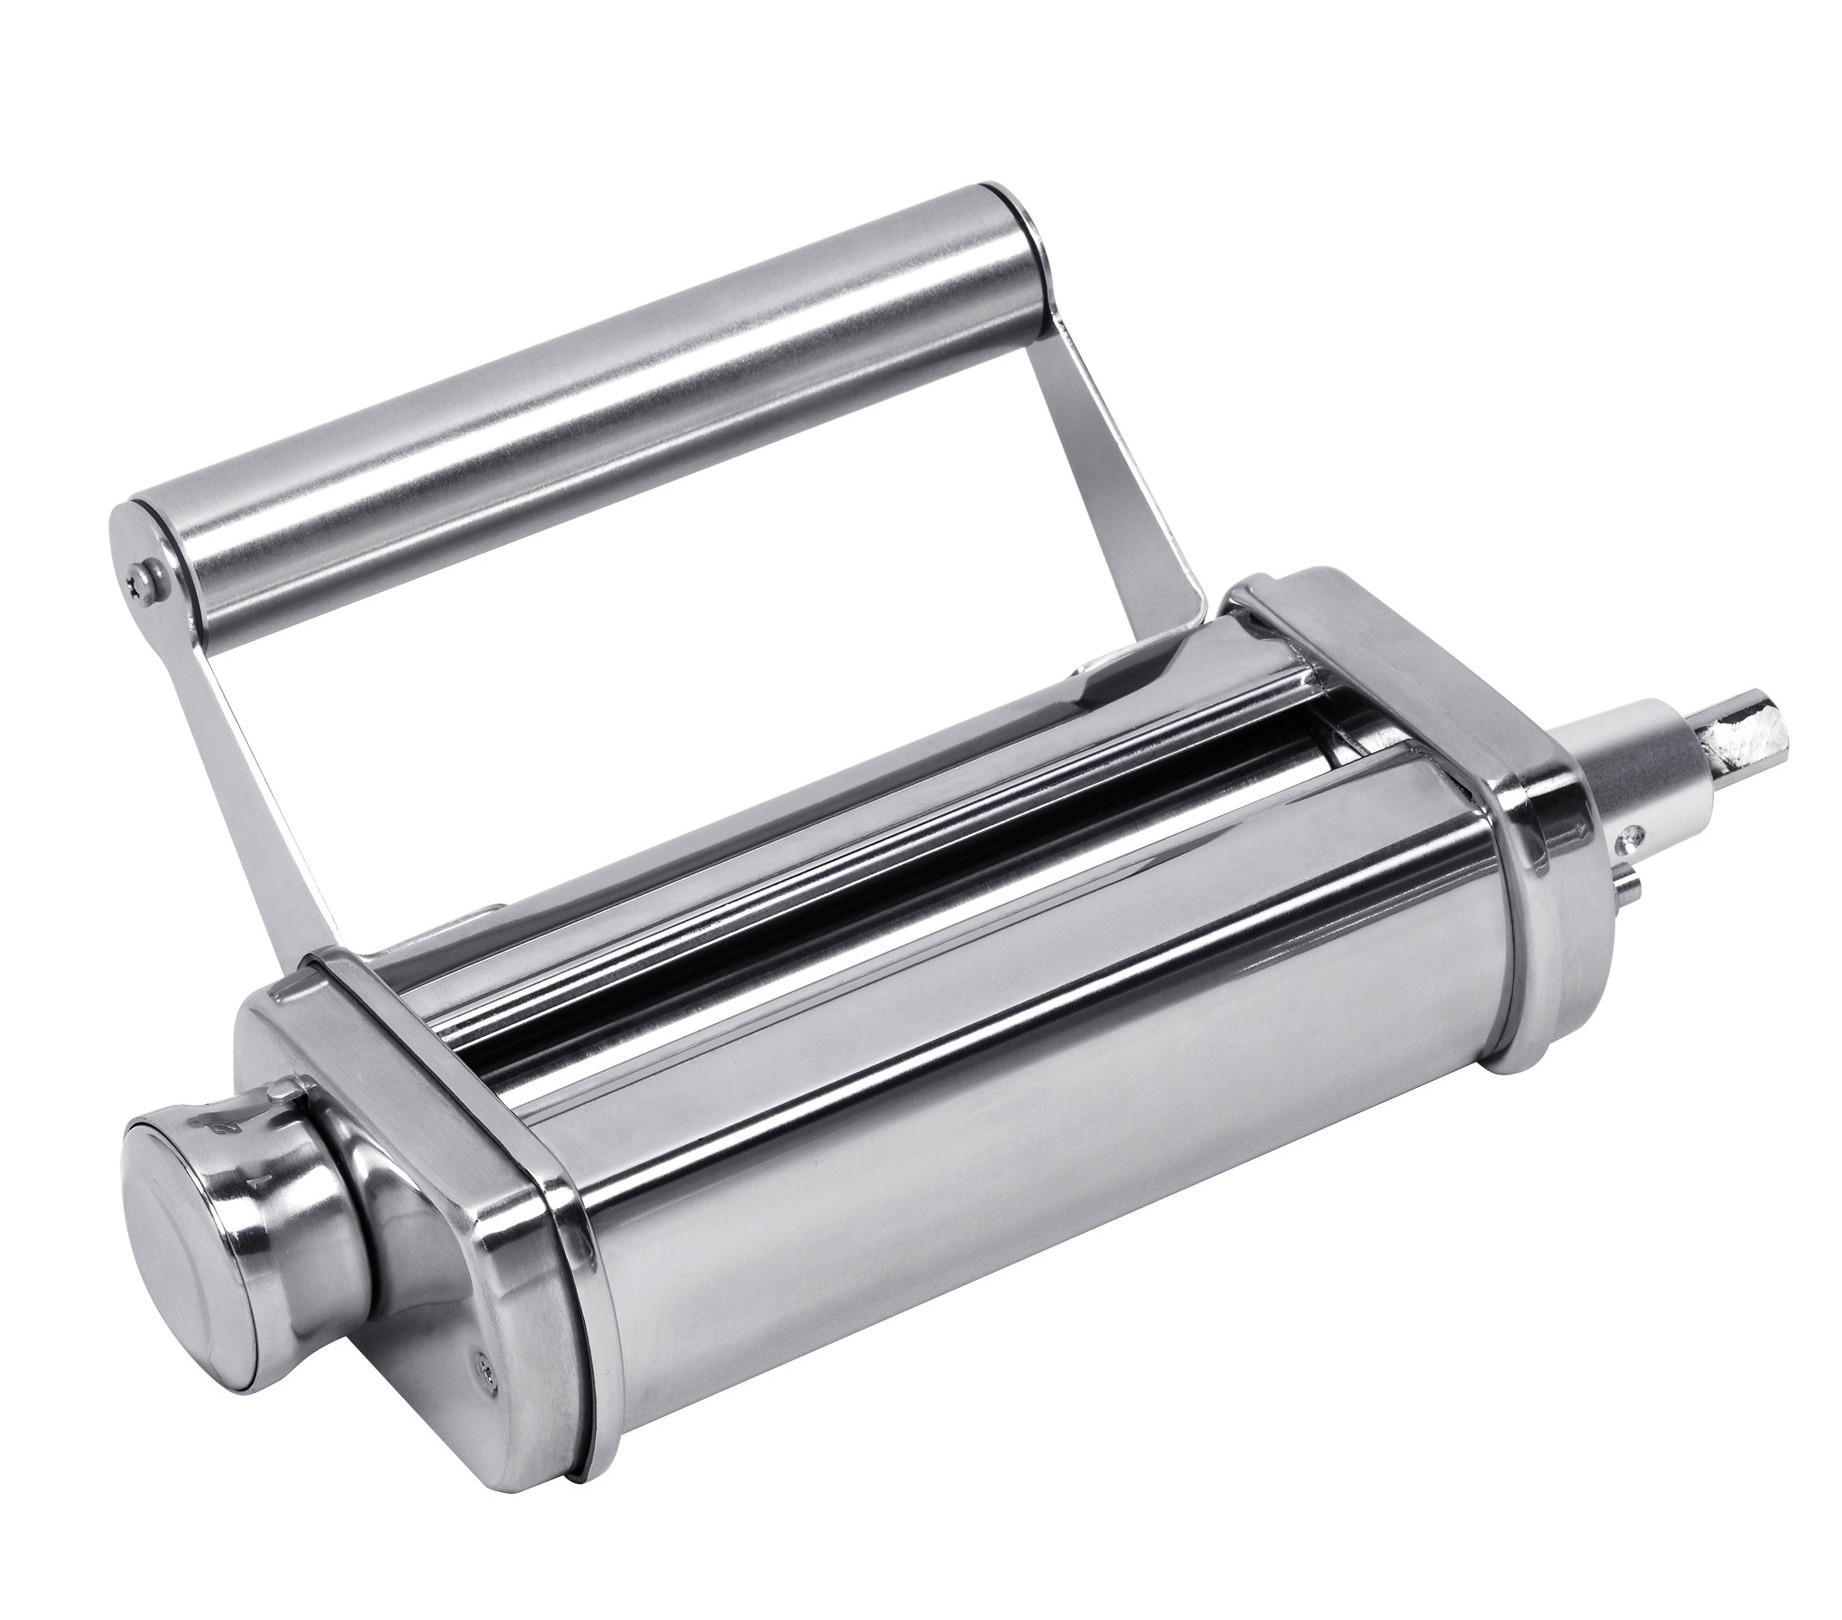 900167221 : Electrolux Assistent pastatilbehør